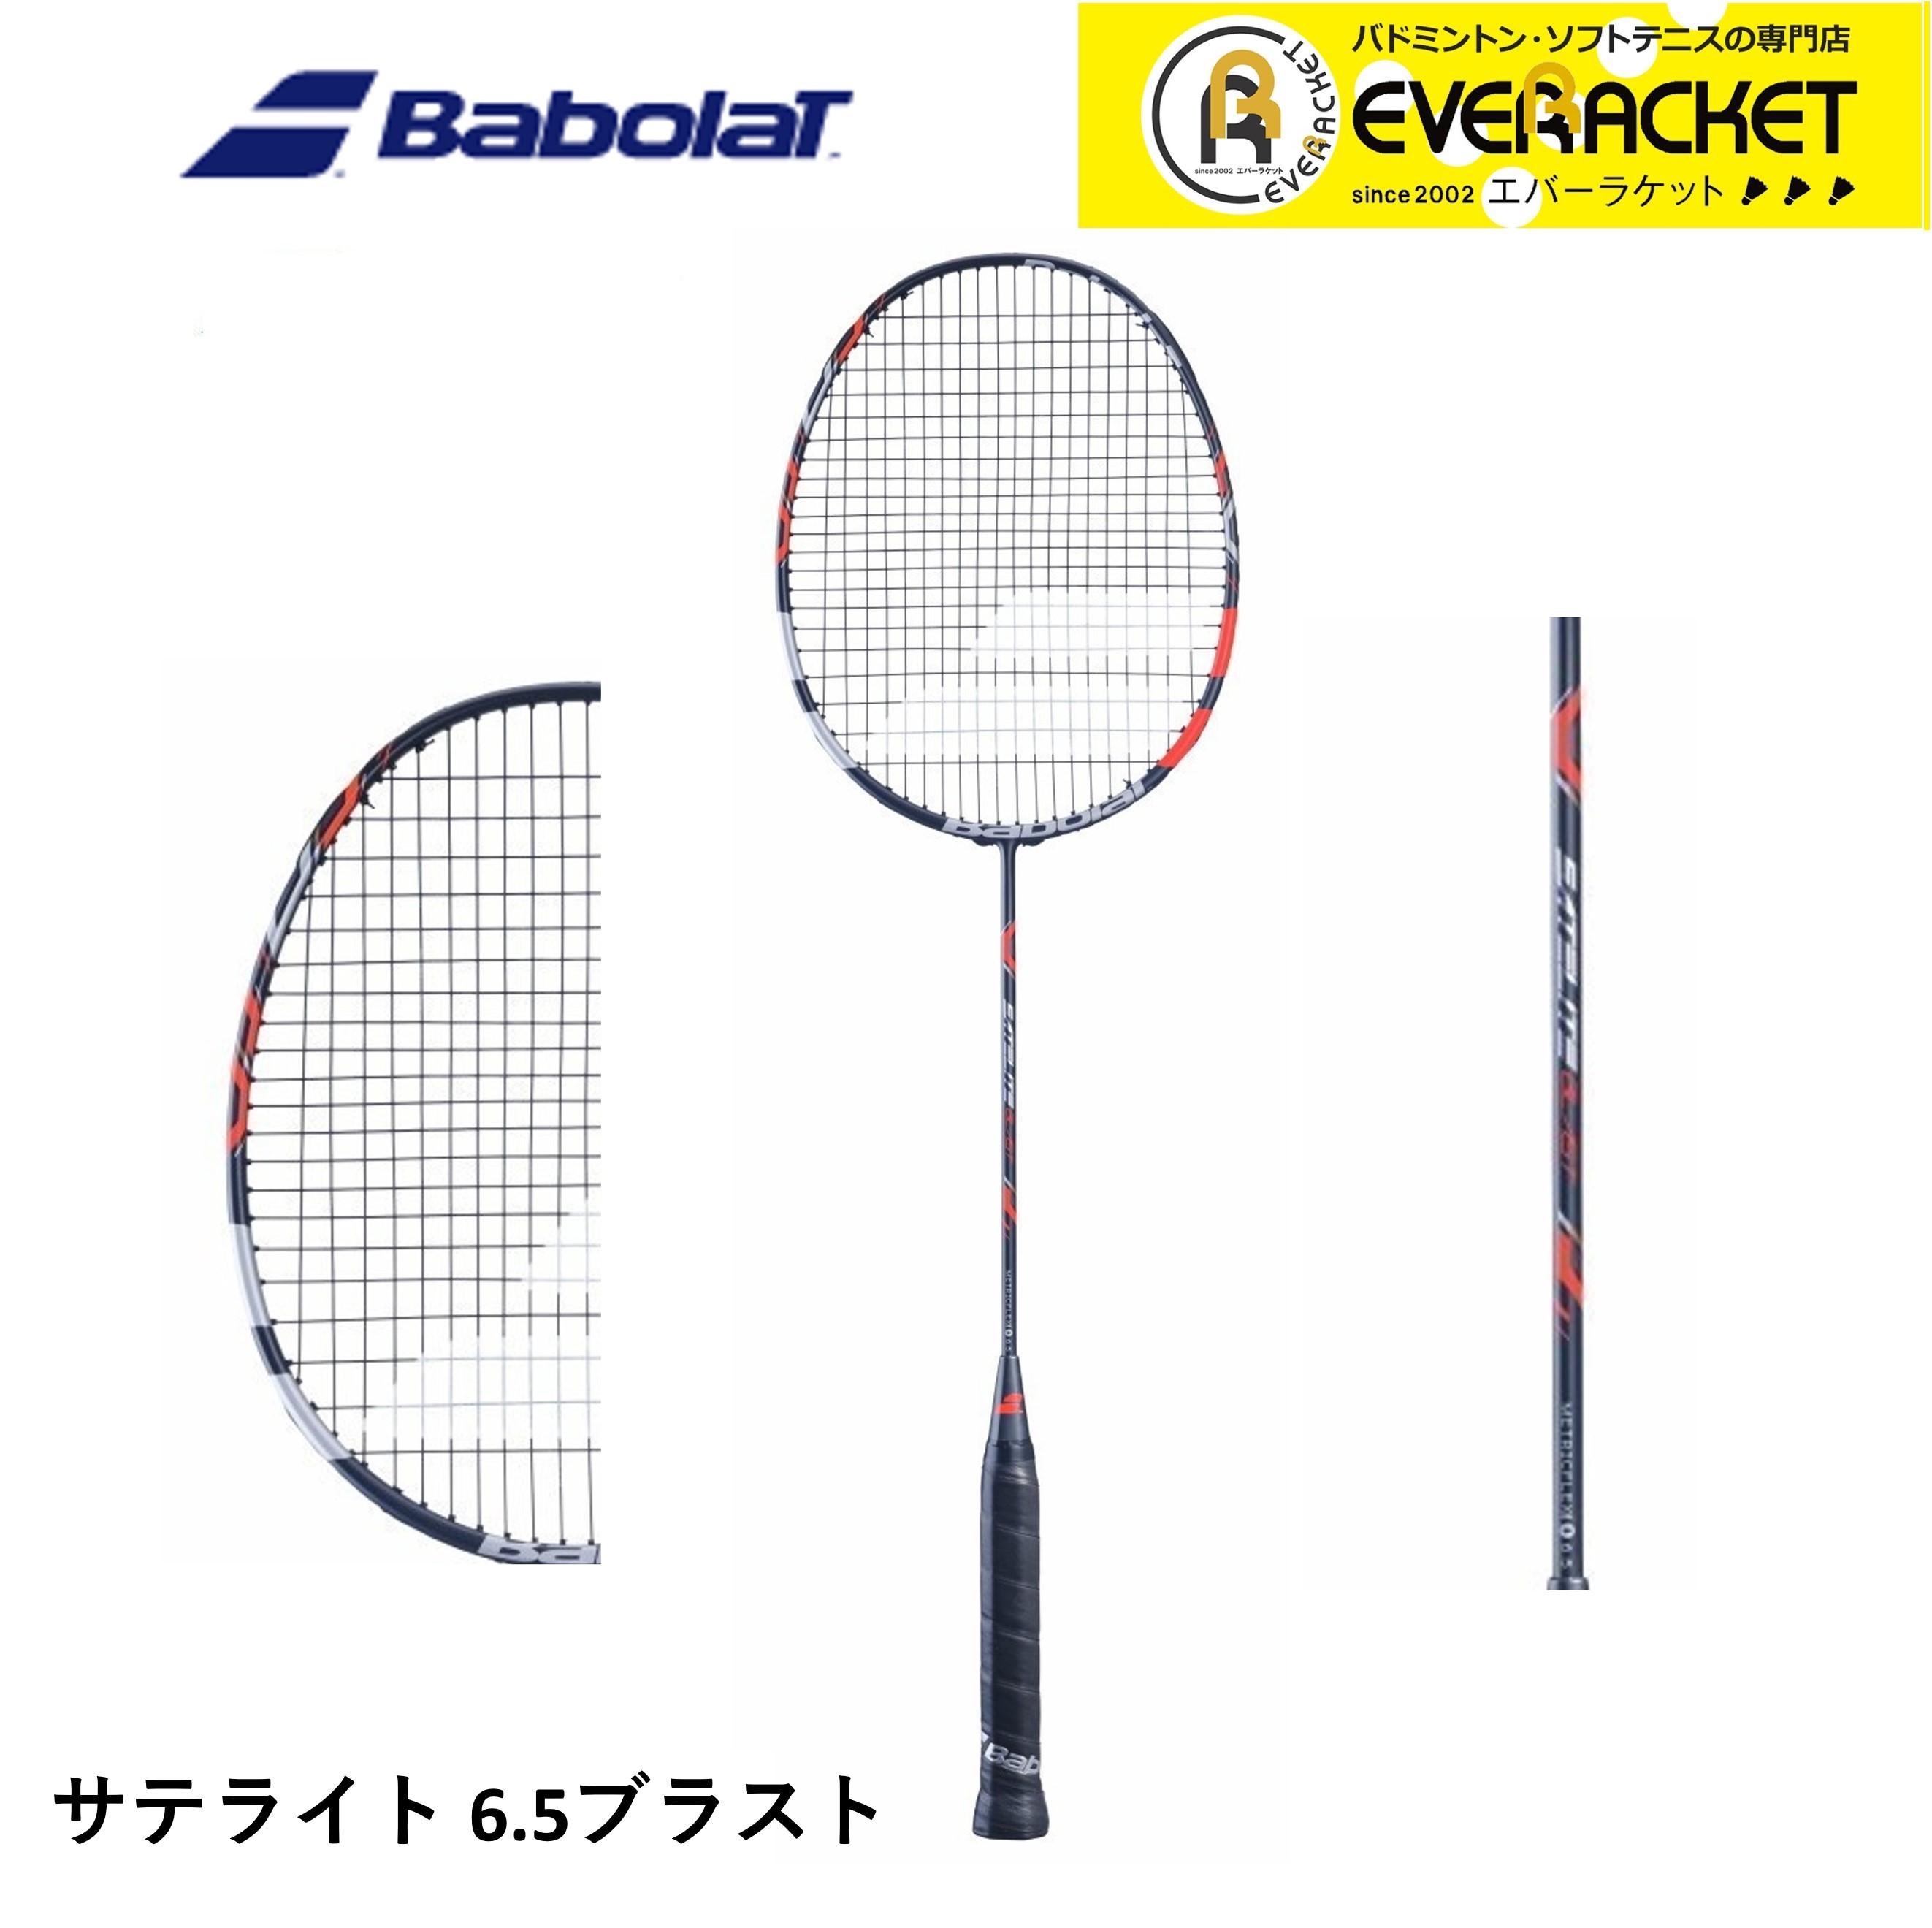 【スーパーセールポイント5倍】バボラ Babolat バドミントンラケット SATELITE6.5BLAST BBF602316 バドミントン 《ガット代・張り代無料》